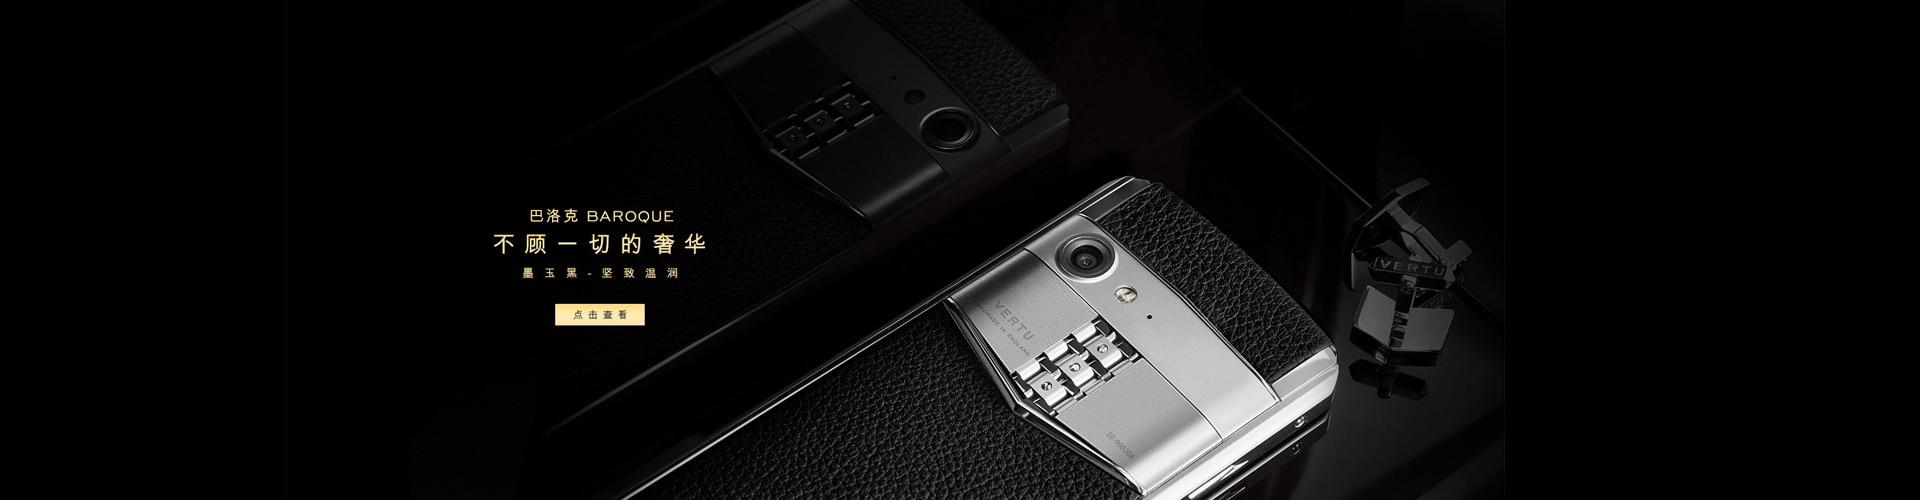 高仿威图手机